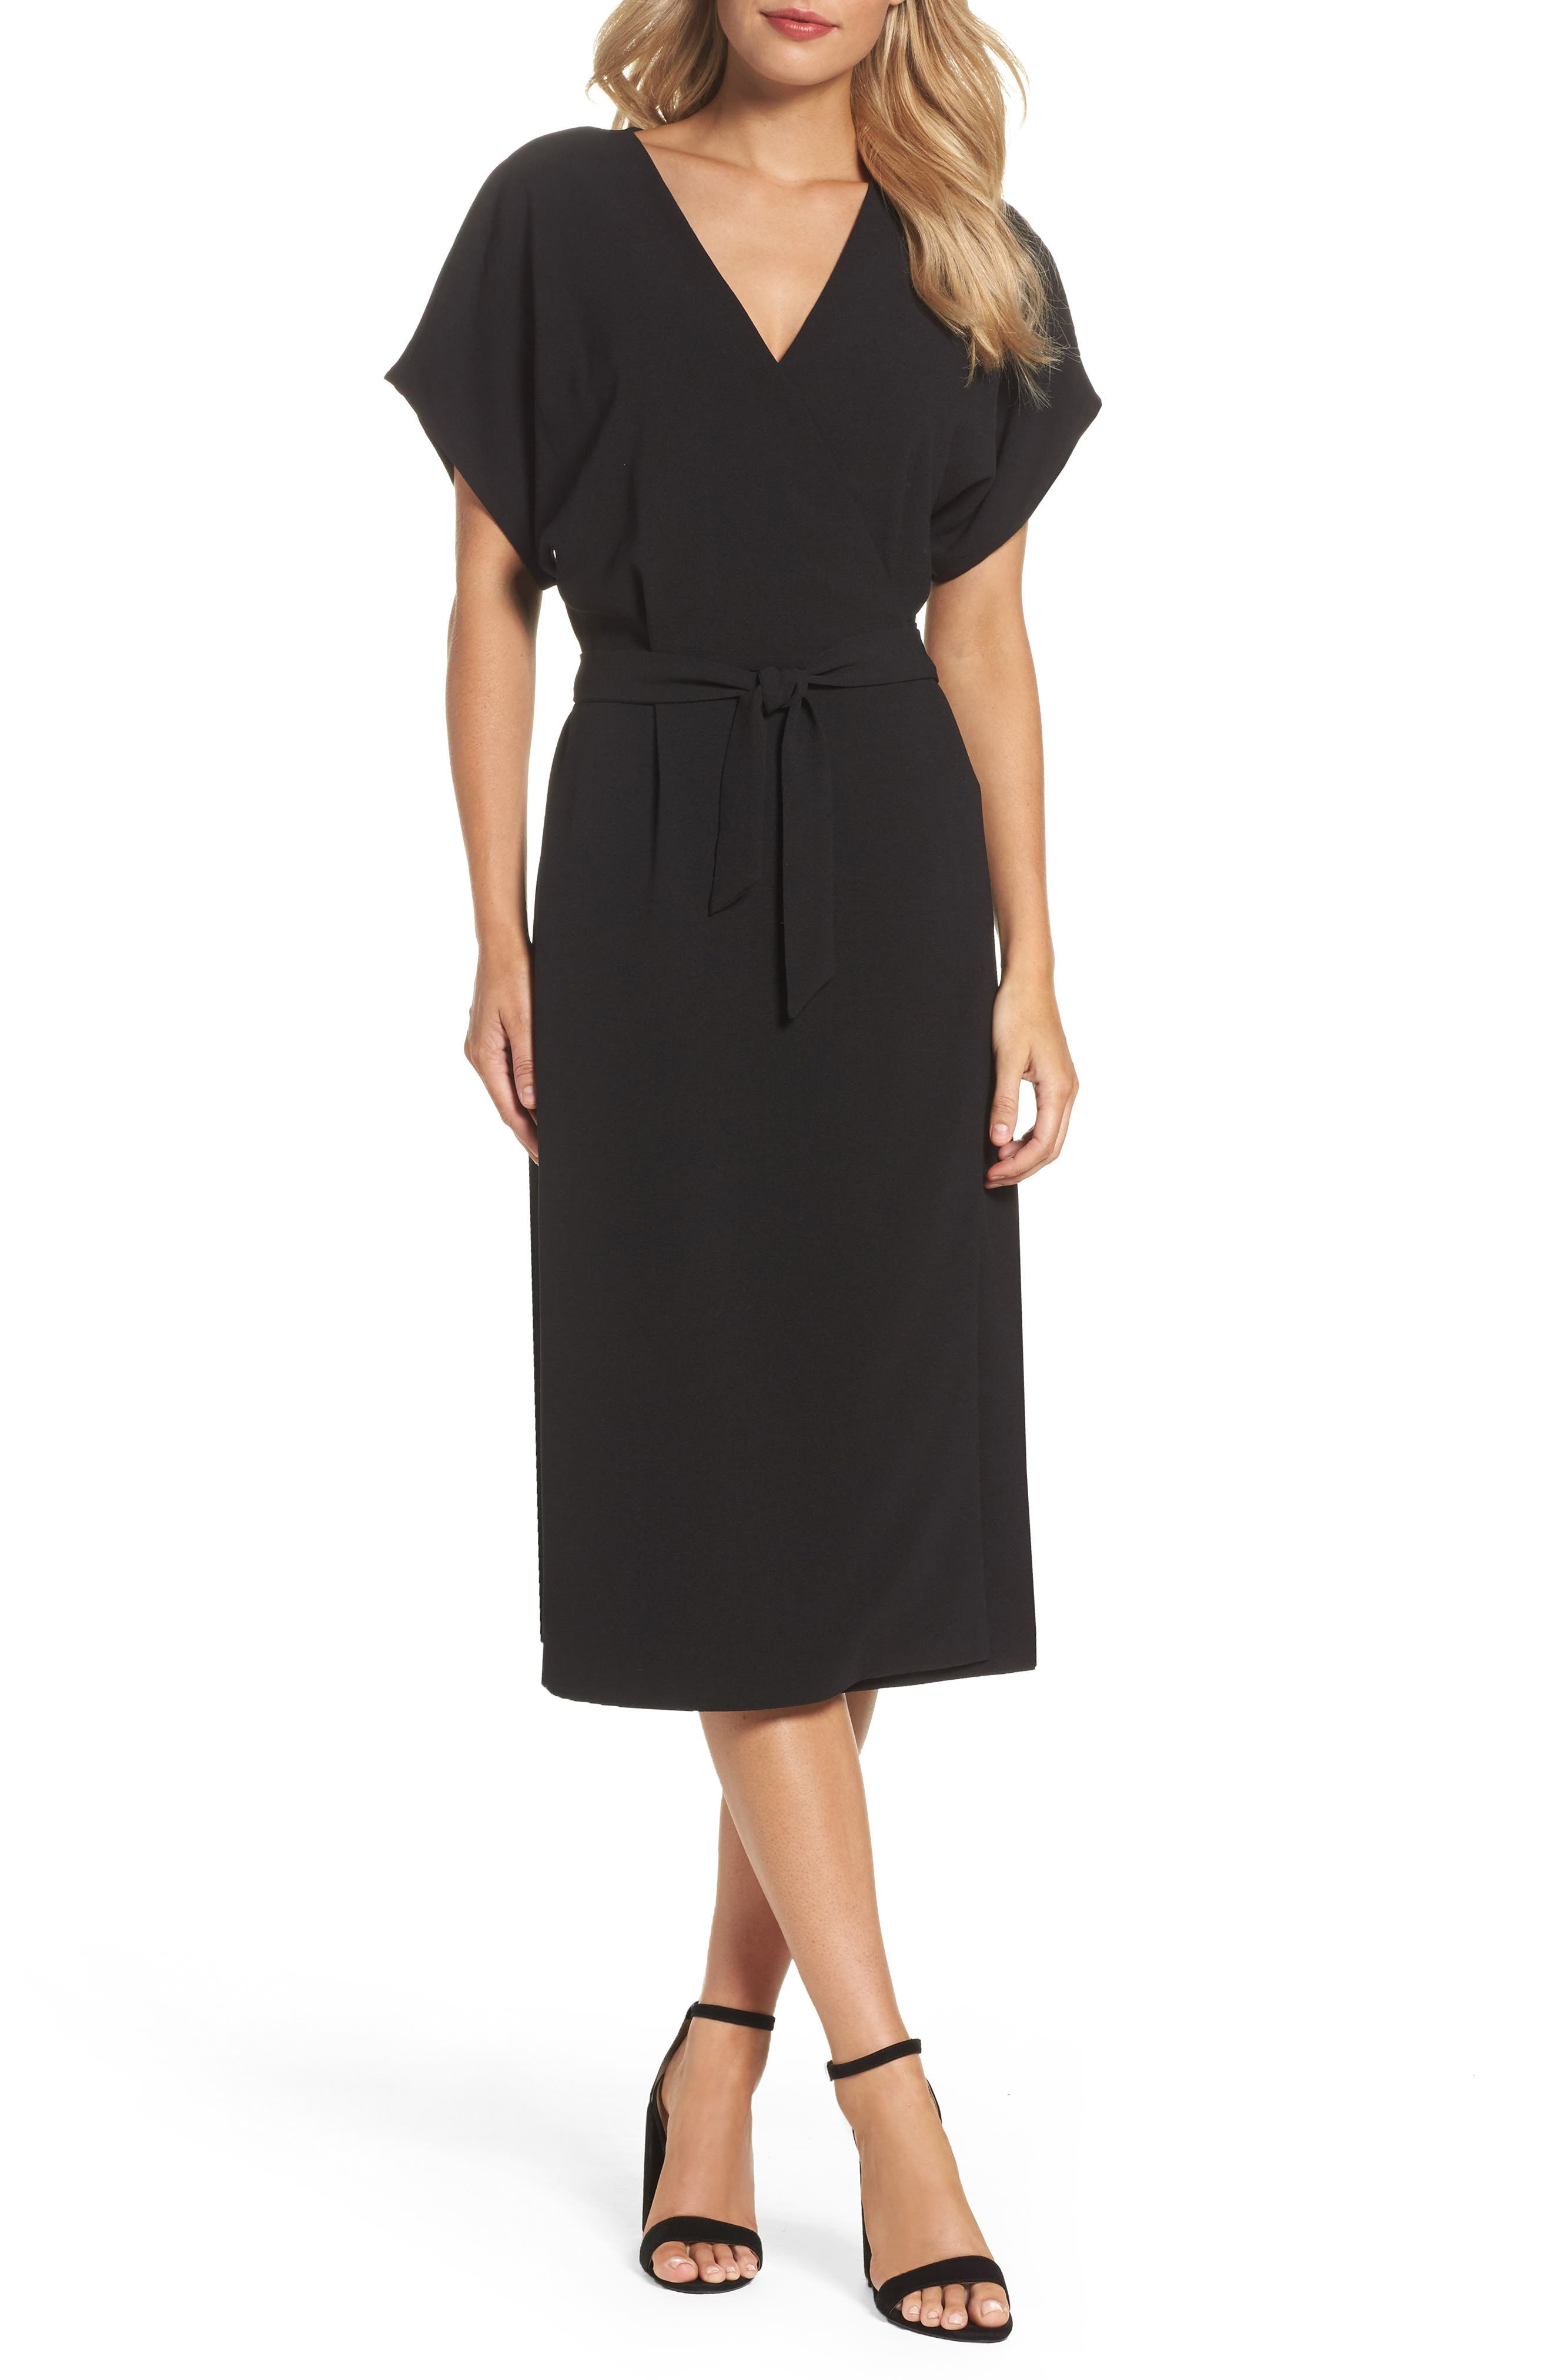 FELICITY & COCO Rita Wrap Dress, Main, color, BLACK